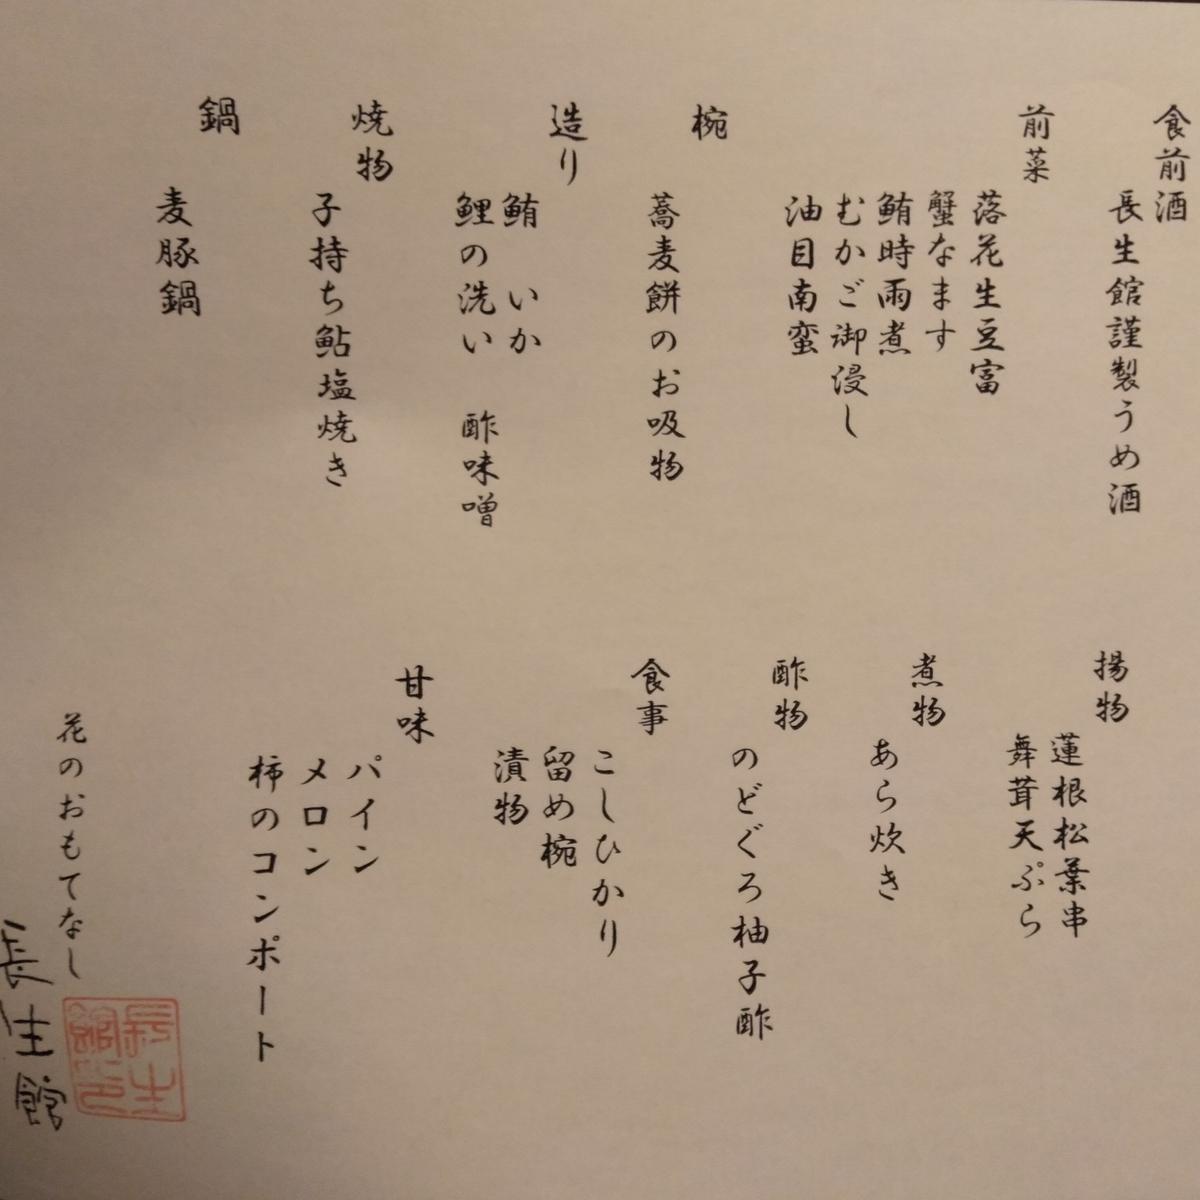 f:id:yueguang:20201214181232j:plain